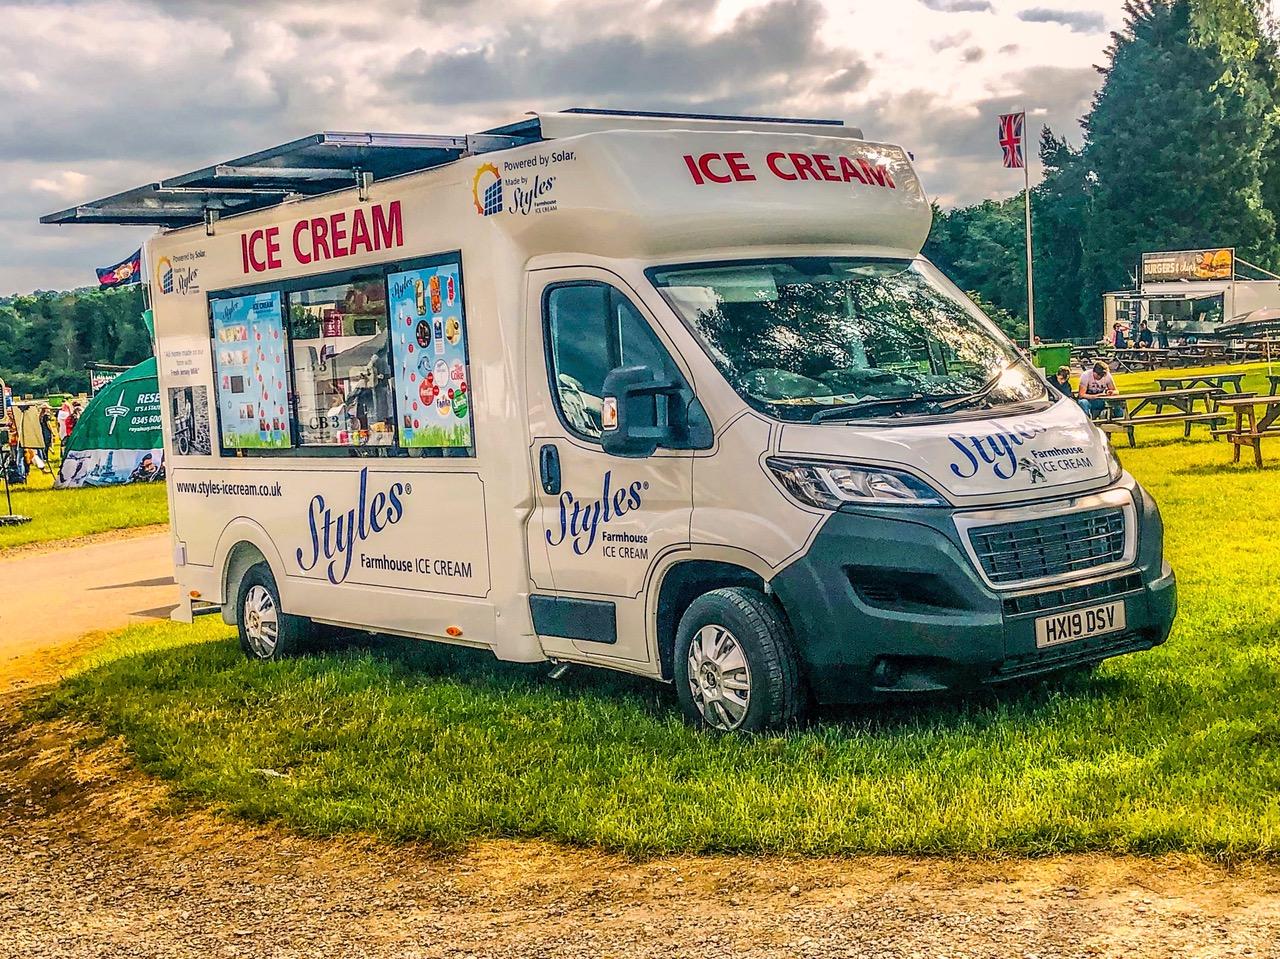 Styles ice cream van